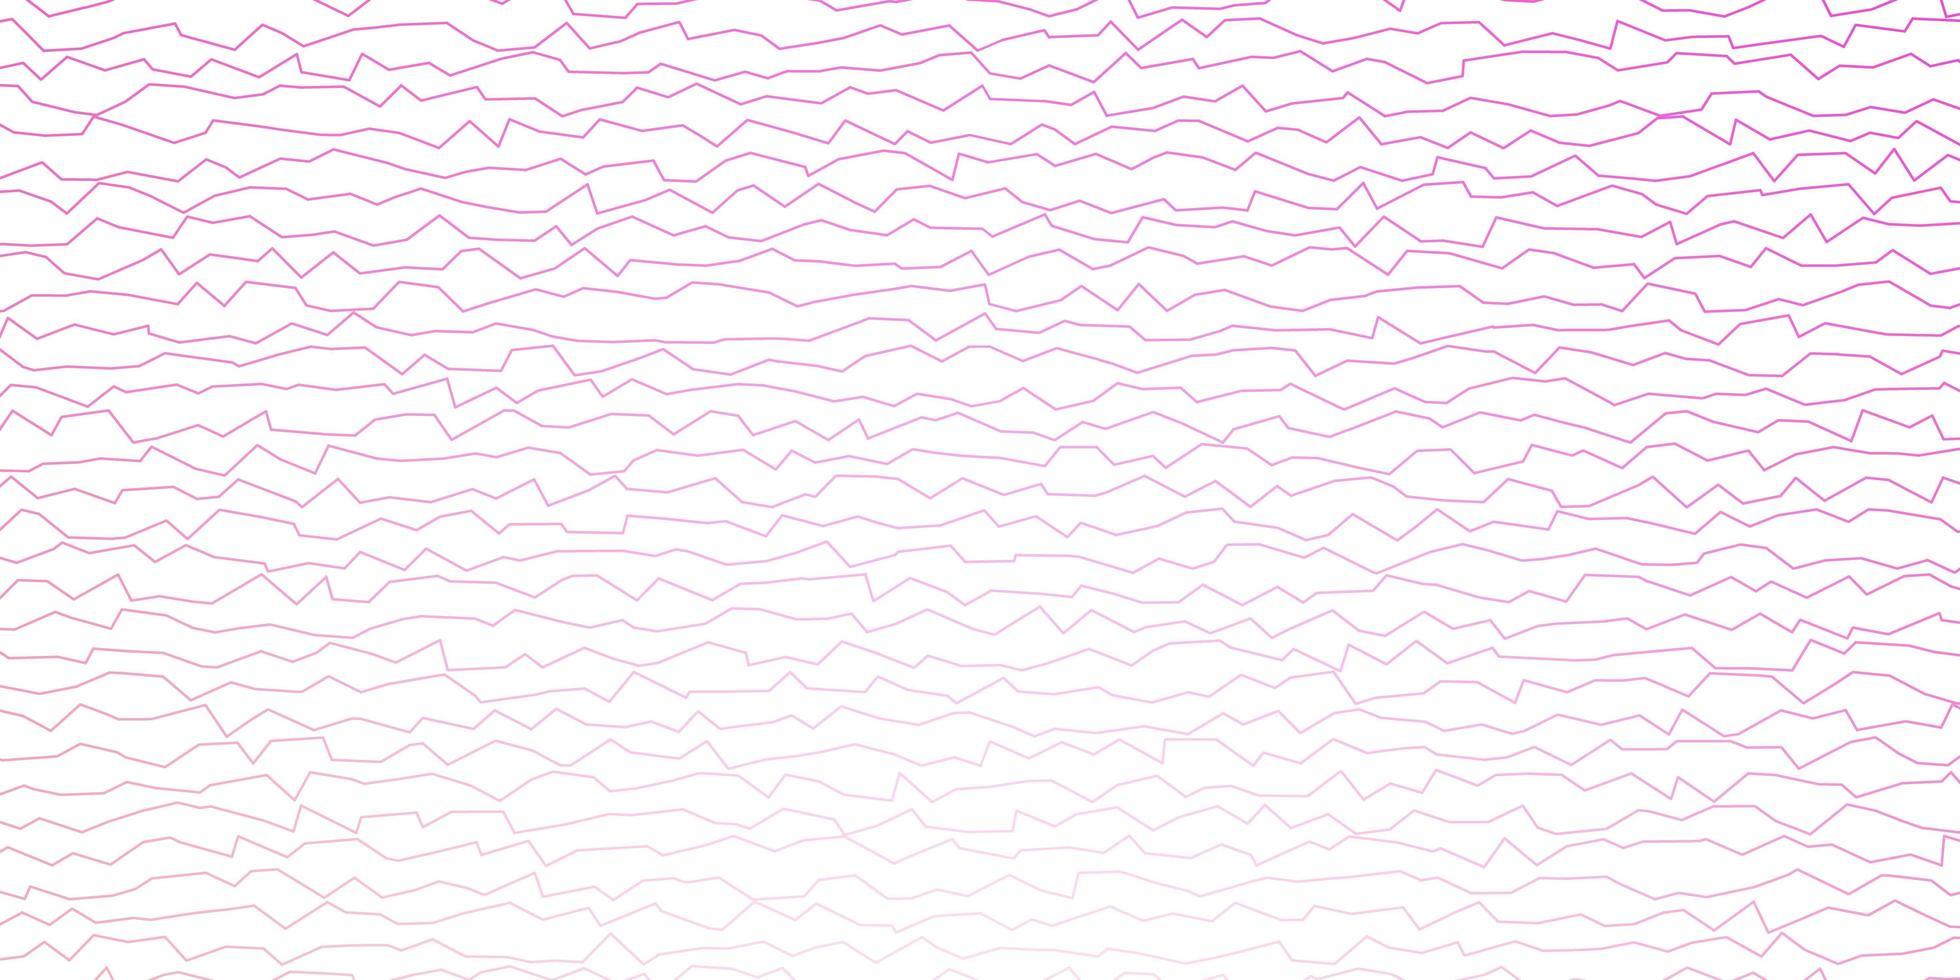 layout vettoriale rosa scuro con arco circolare.